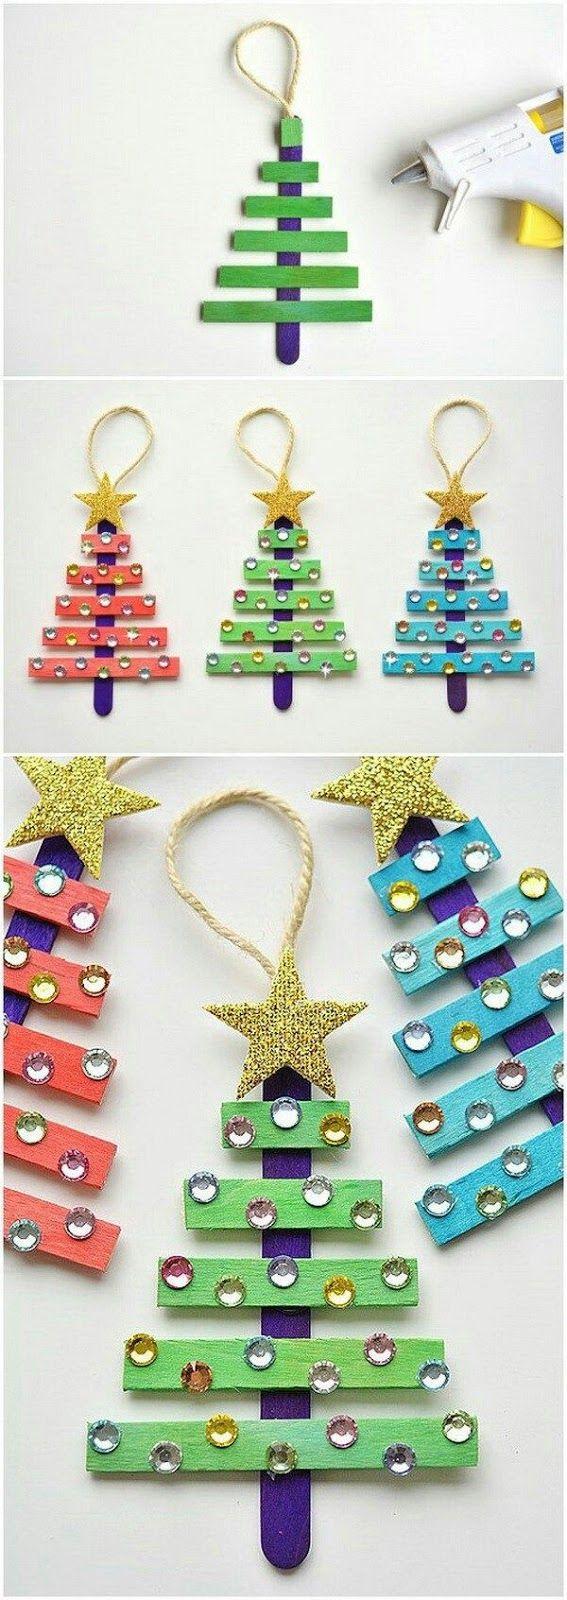 Usando palitos de madera o palitos de paleta podrás crear unos bellos ornamentos navideños en forma de pino. Es una idea super fácil de hac...